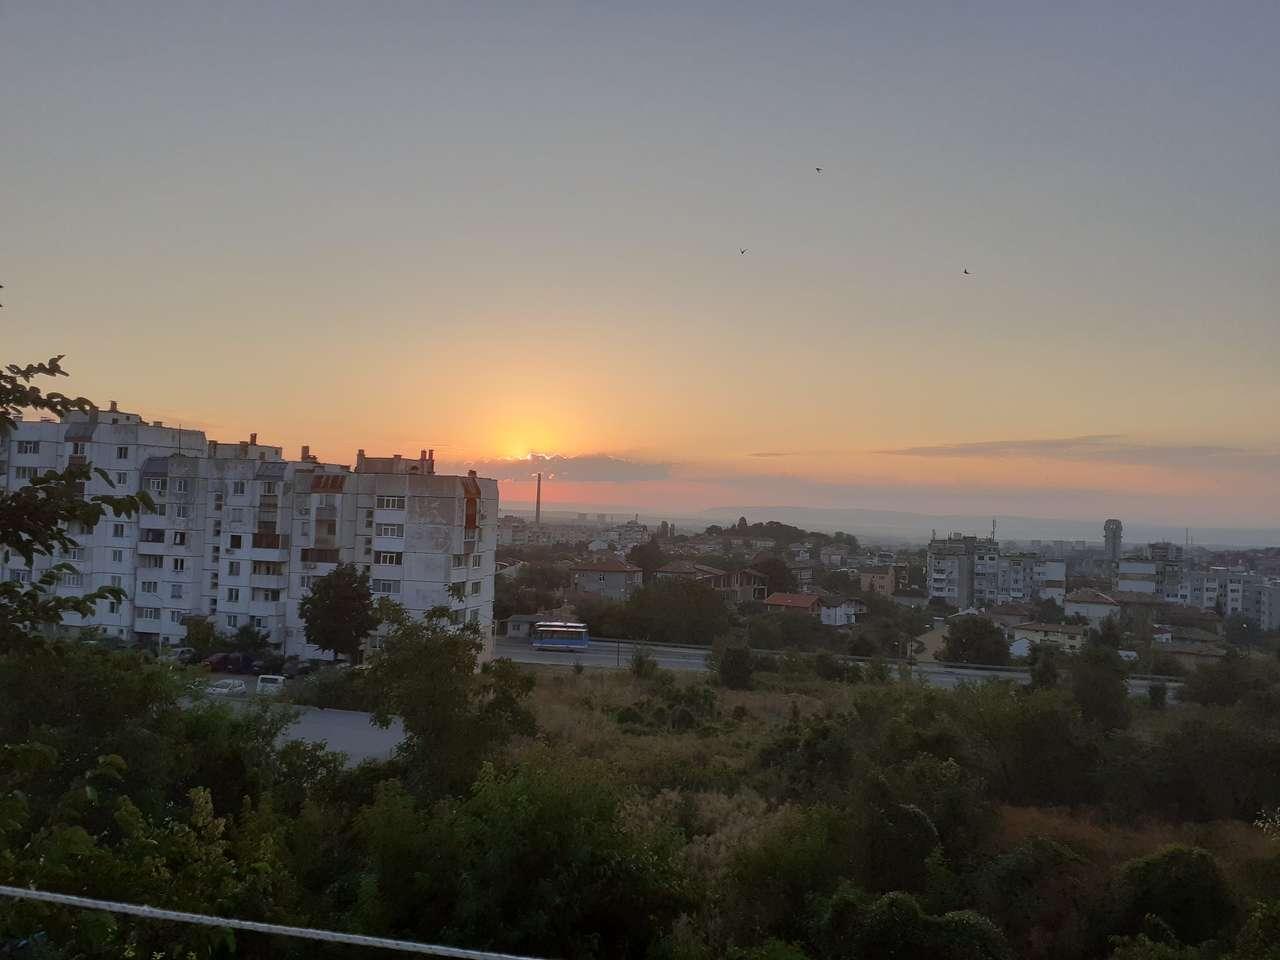 răsăritul soarelui în Shumen